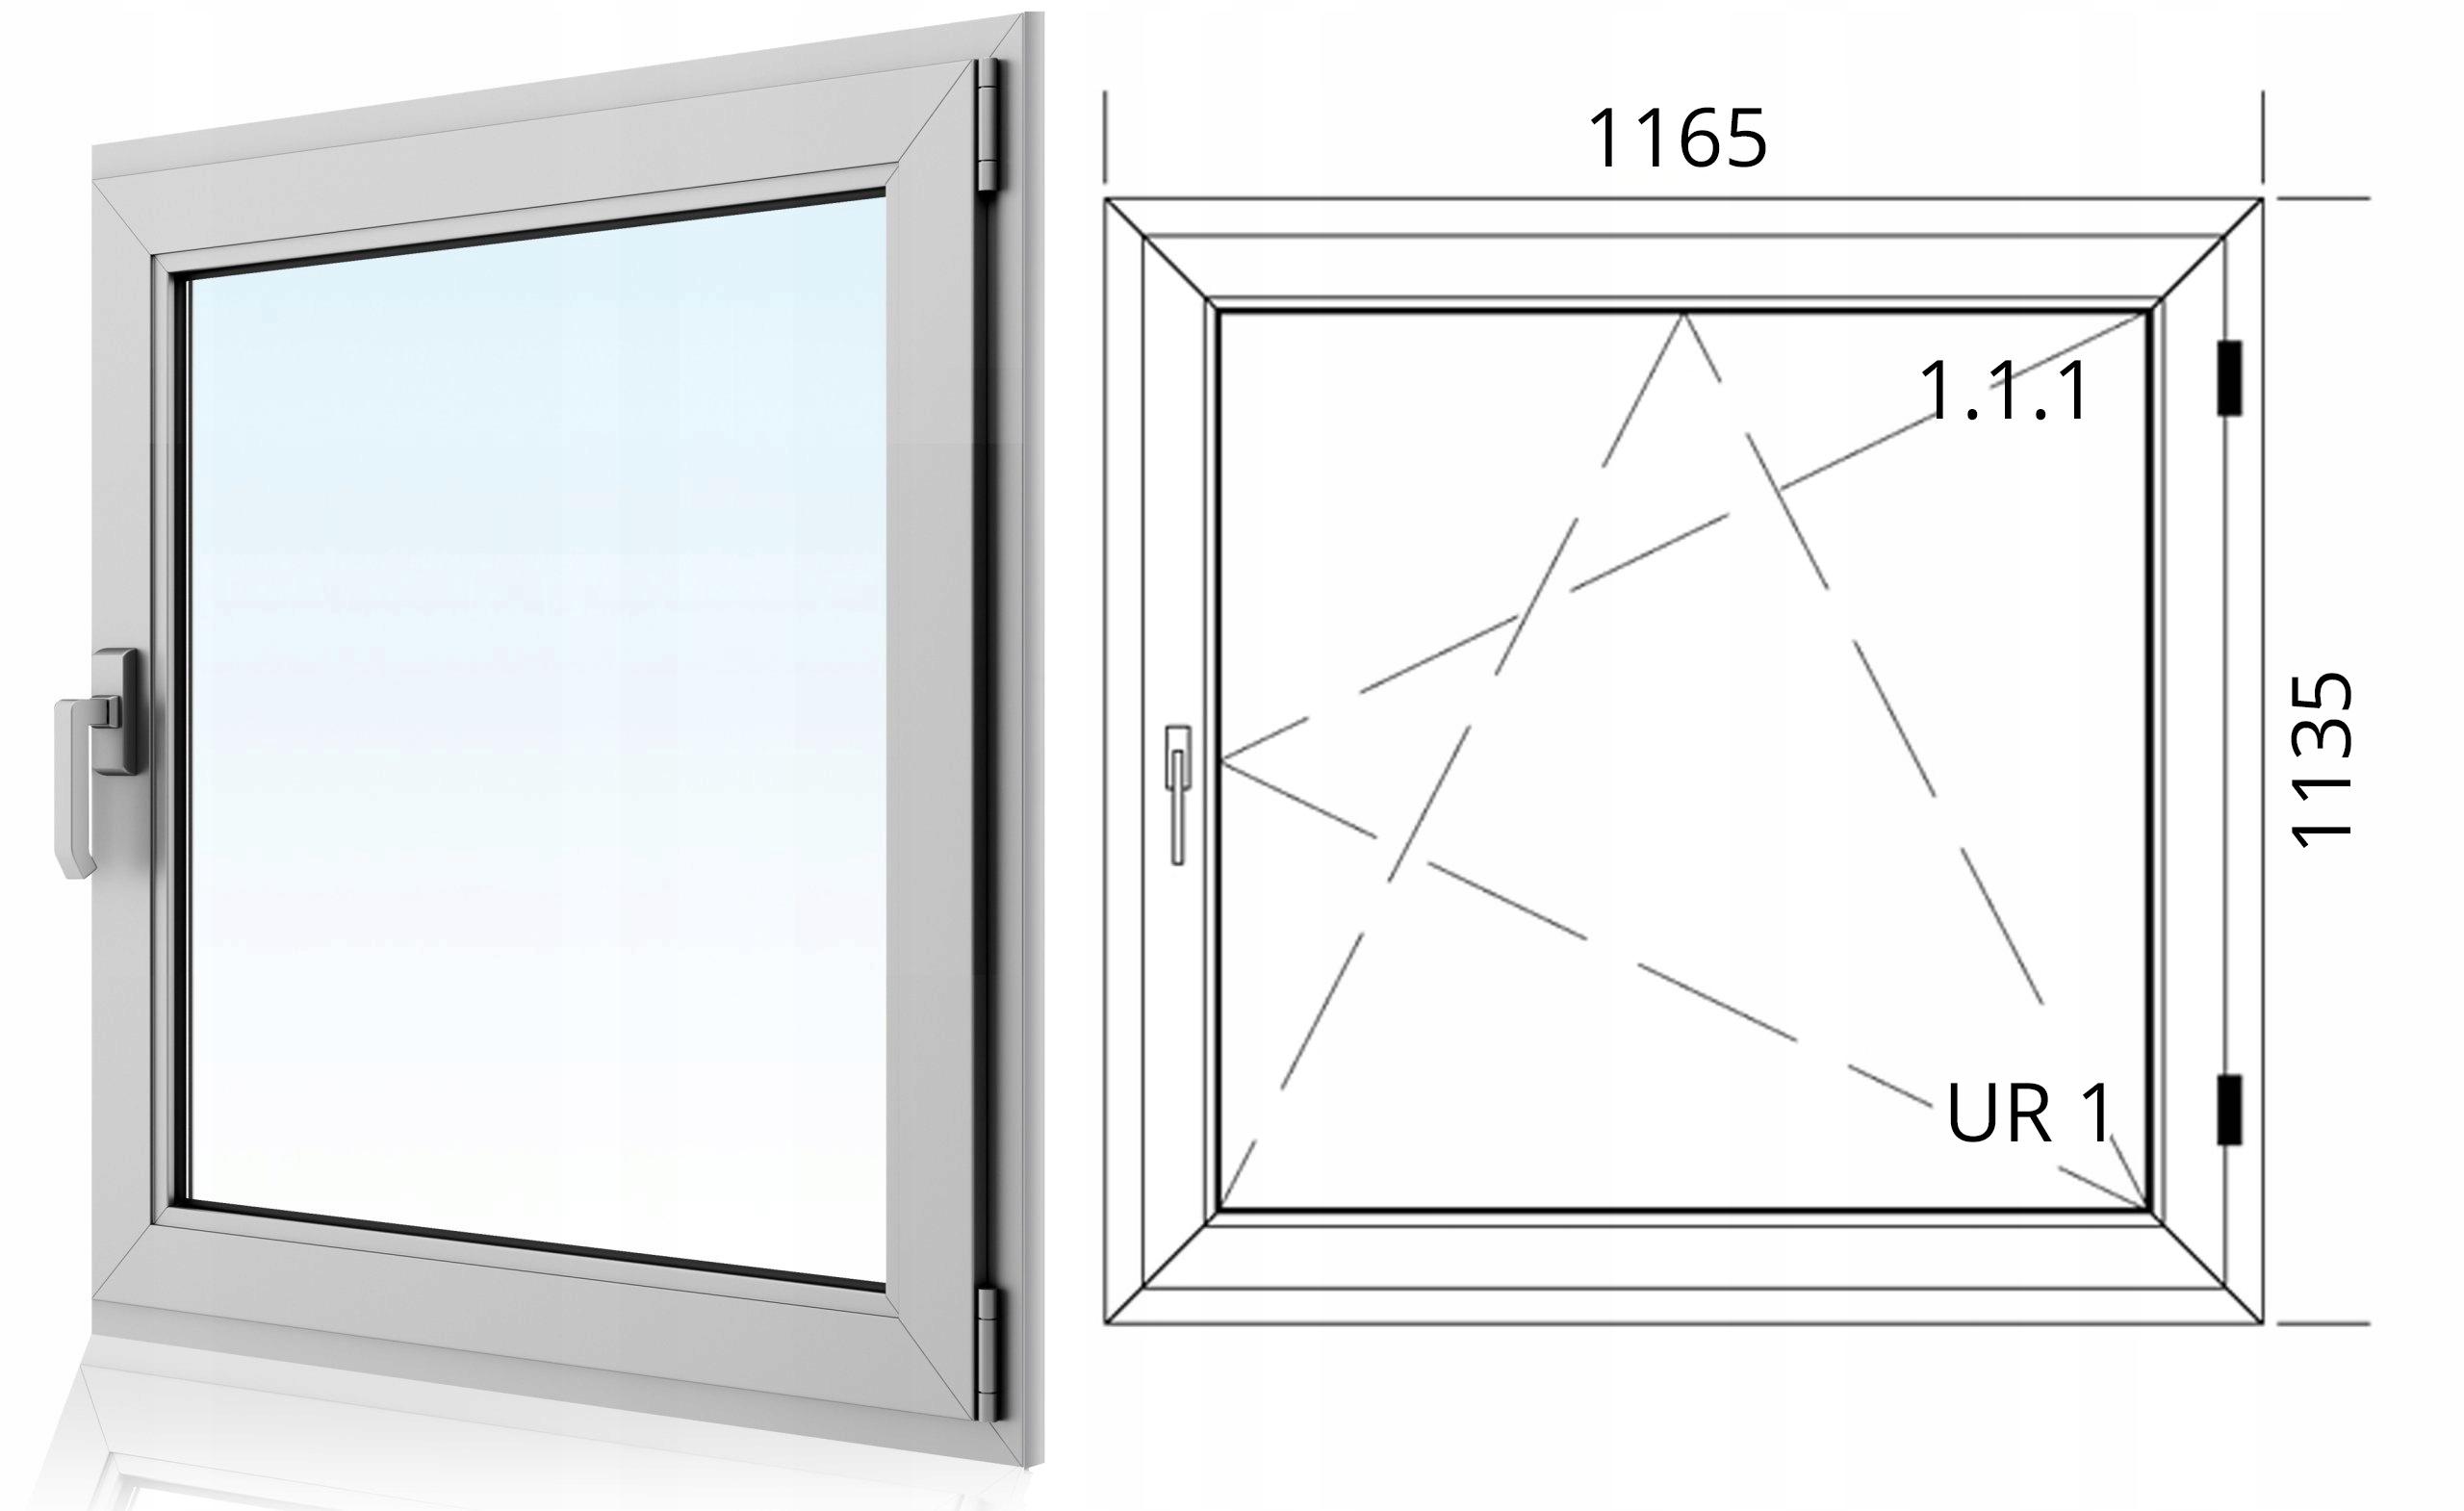 Wspaniały OKNA okno PCV UCHYLNE Plastikowe Typowe, nietypowe - 7157758008 RO55